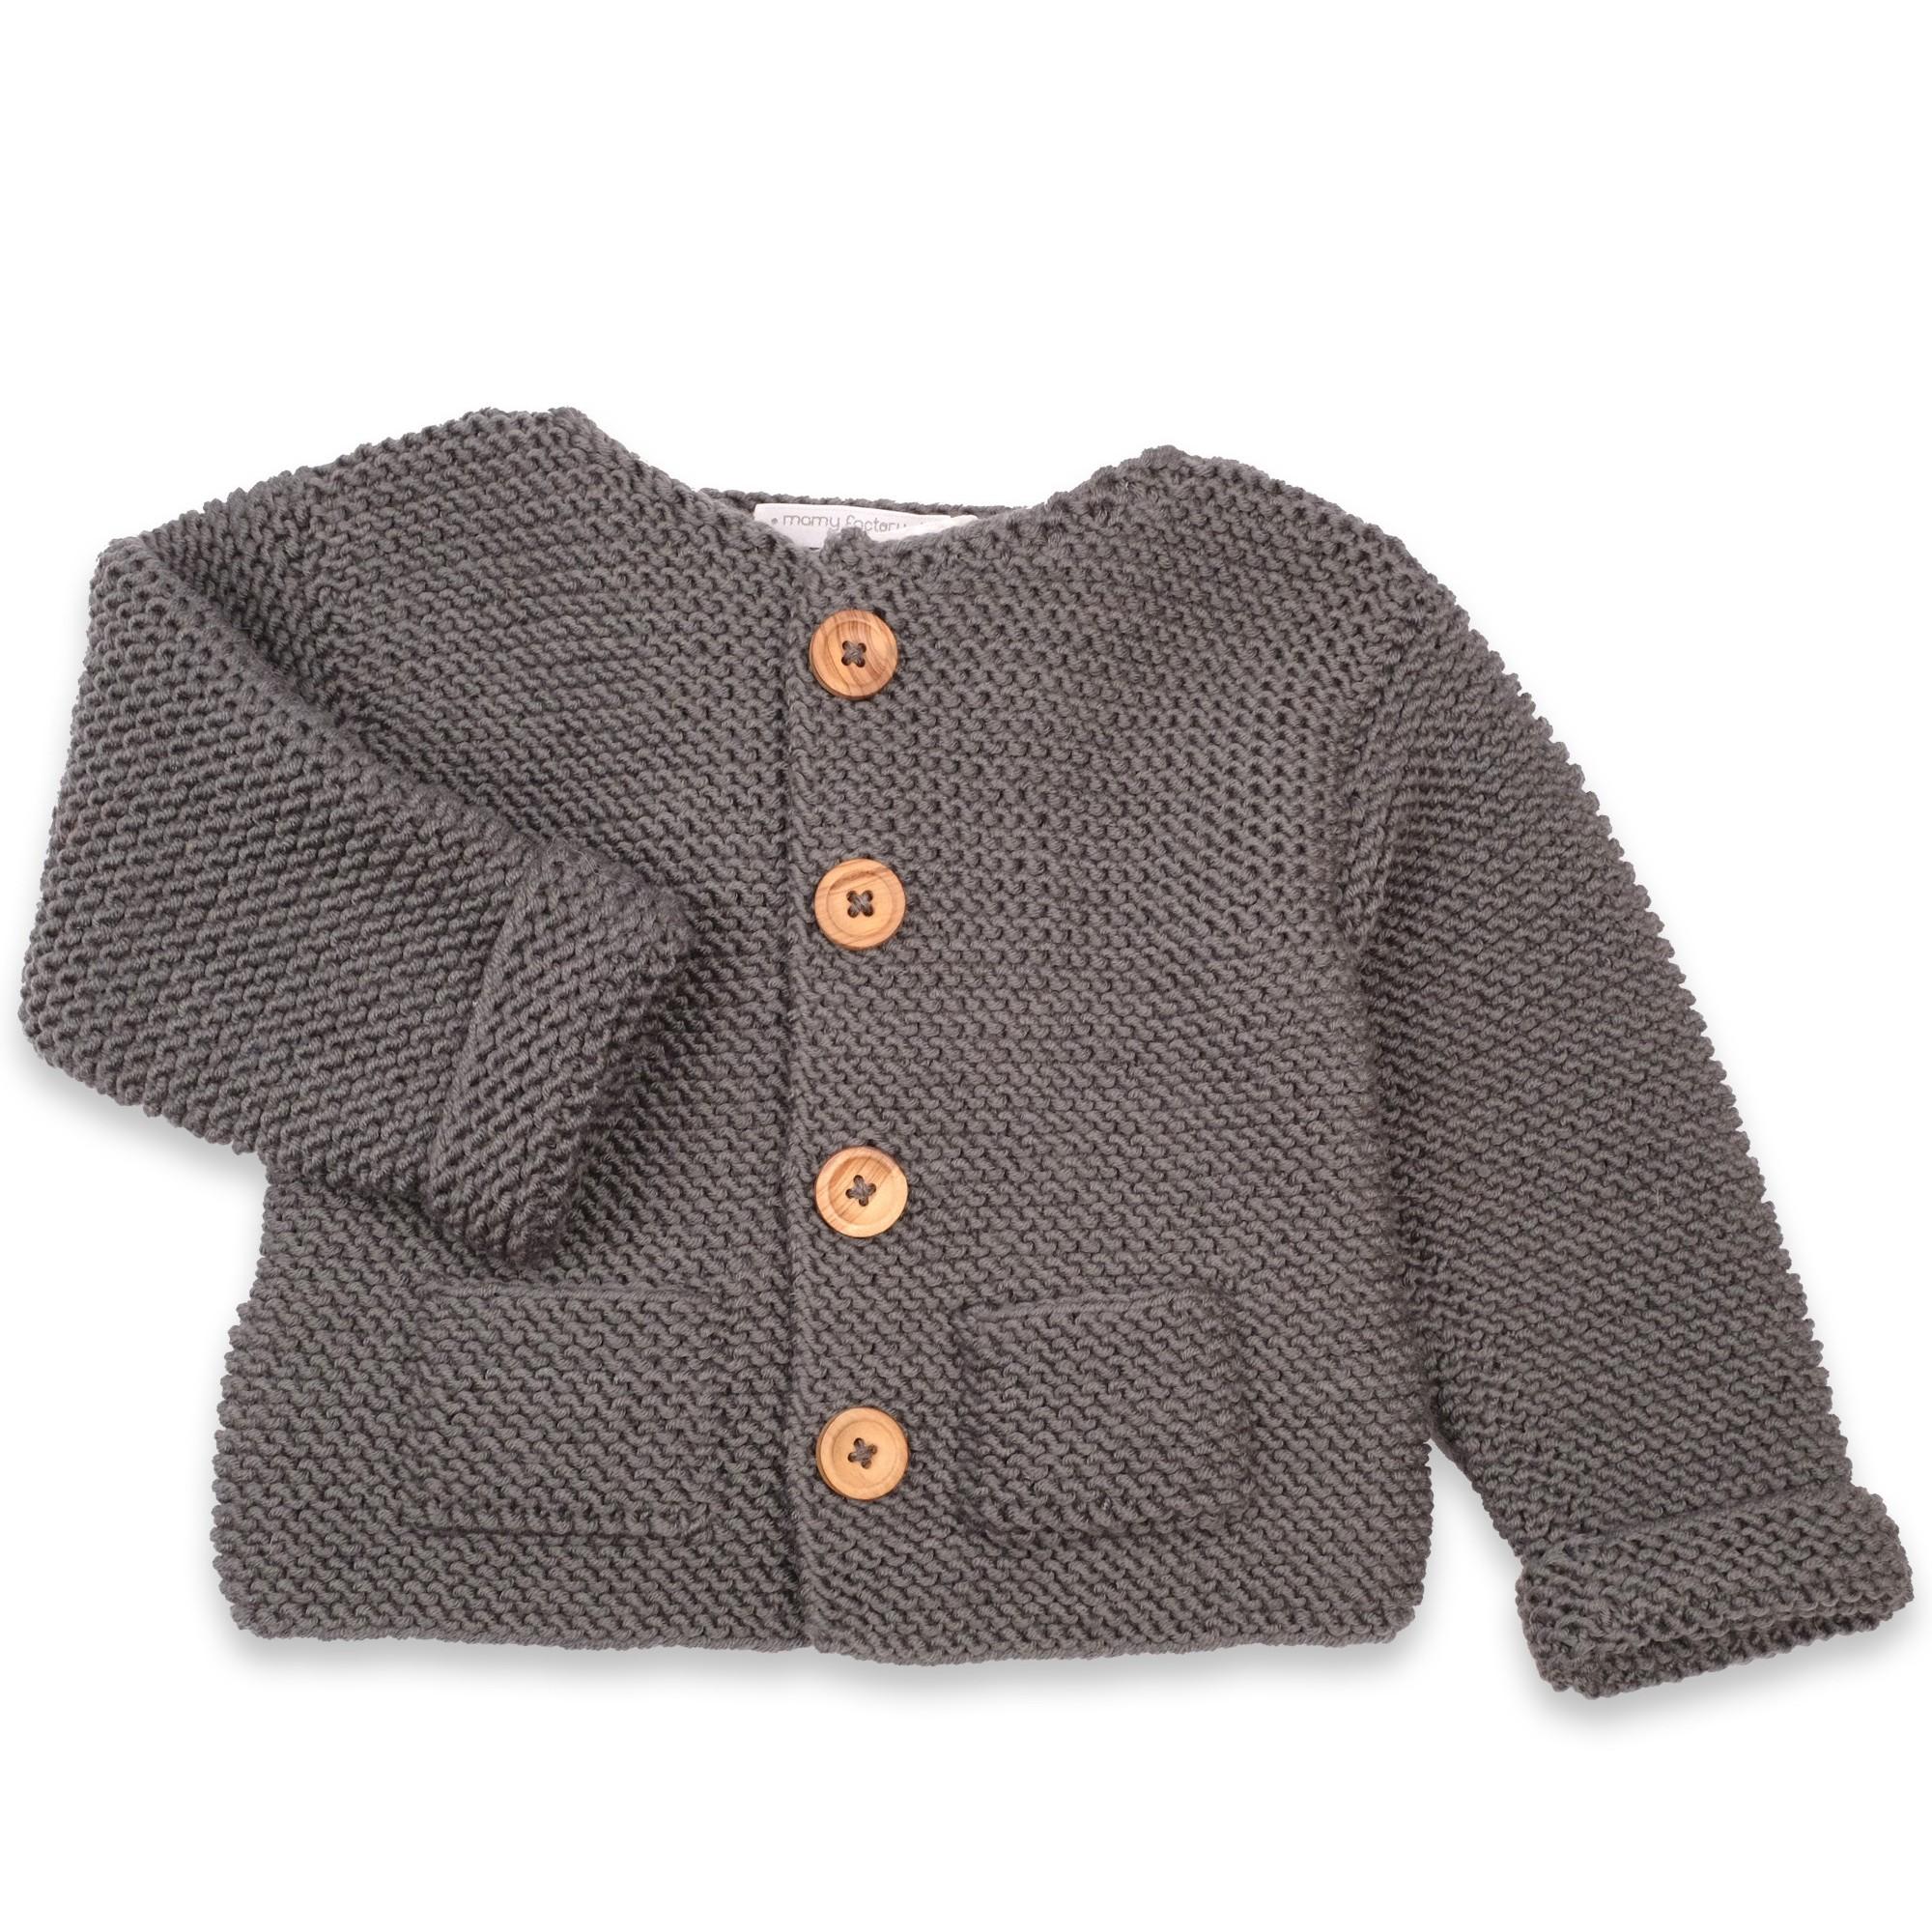 les tricots de mamy gros gilet enfant coloris gris ardoise avec deux poches sur le devant. Black Bedroom Furniture Sets. Home Design Ideas